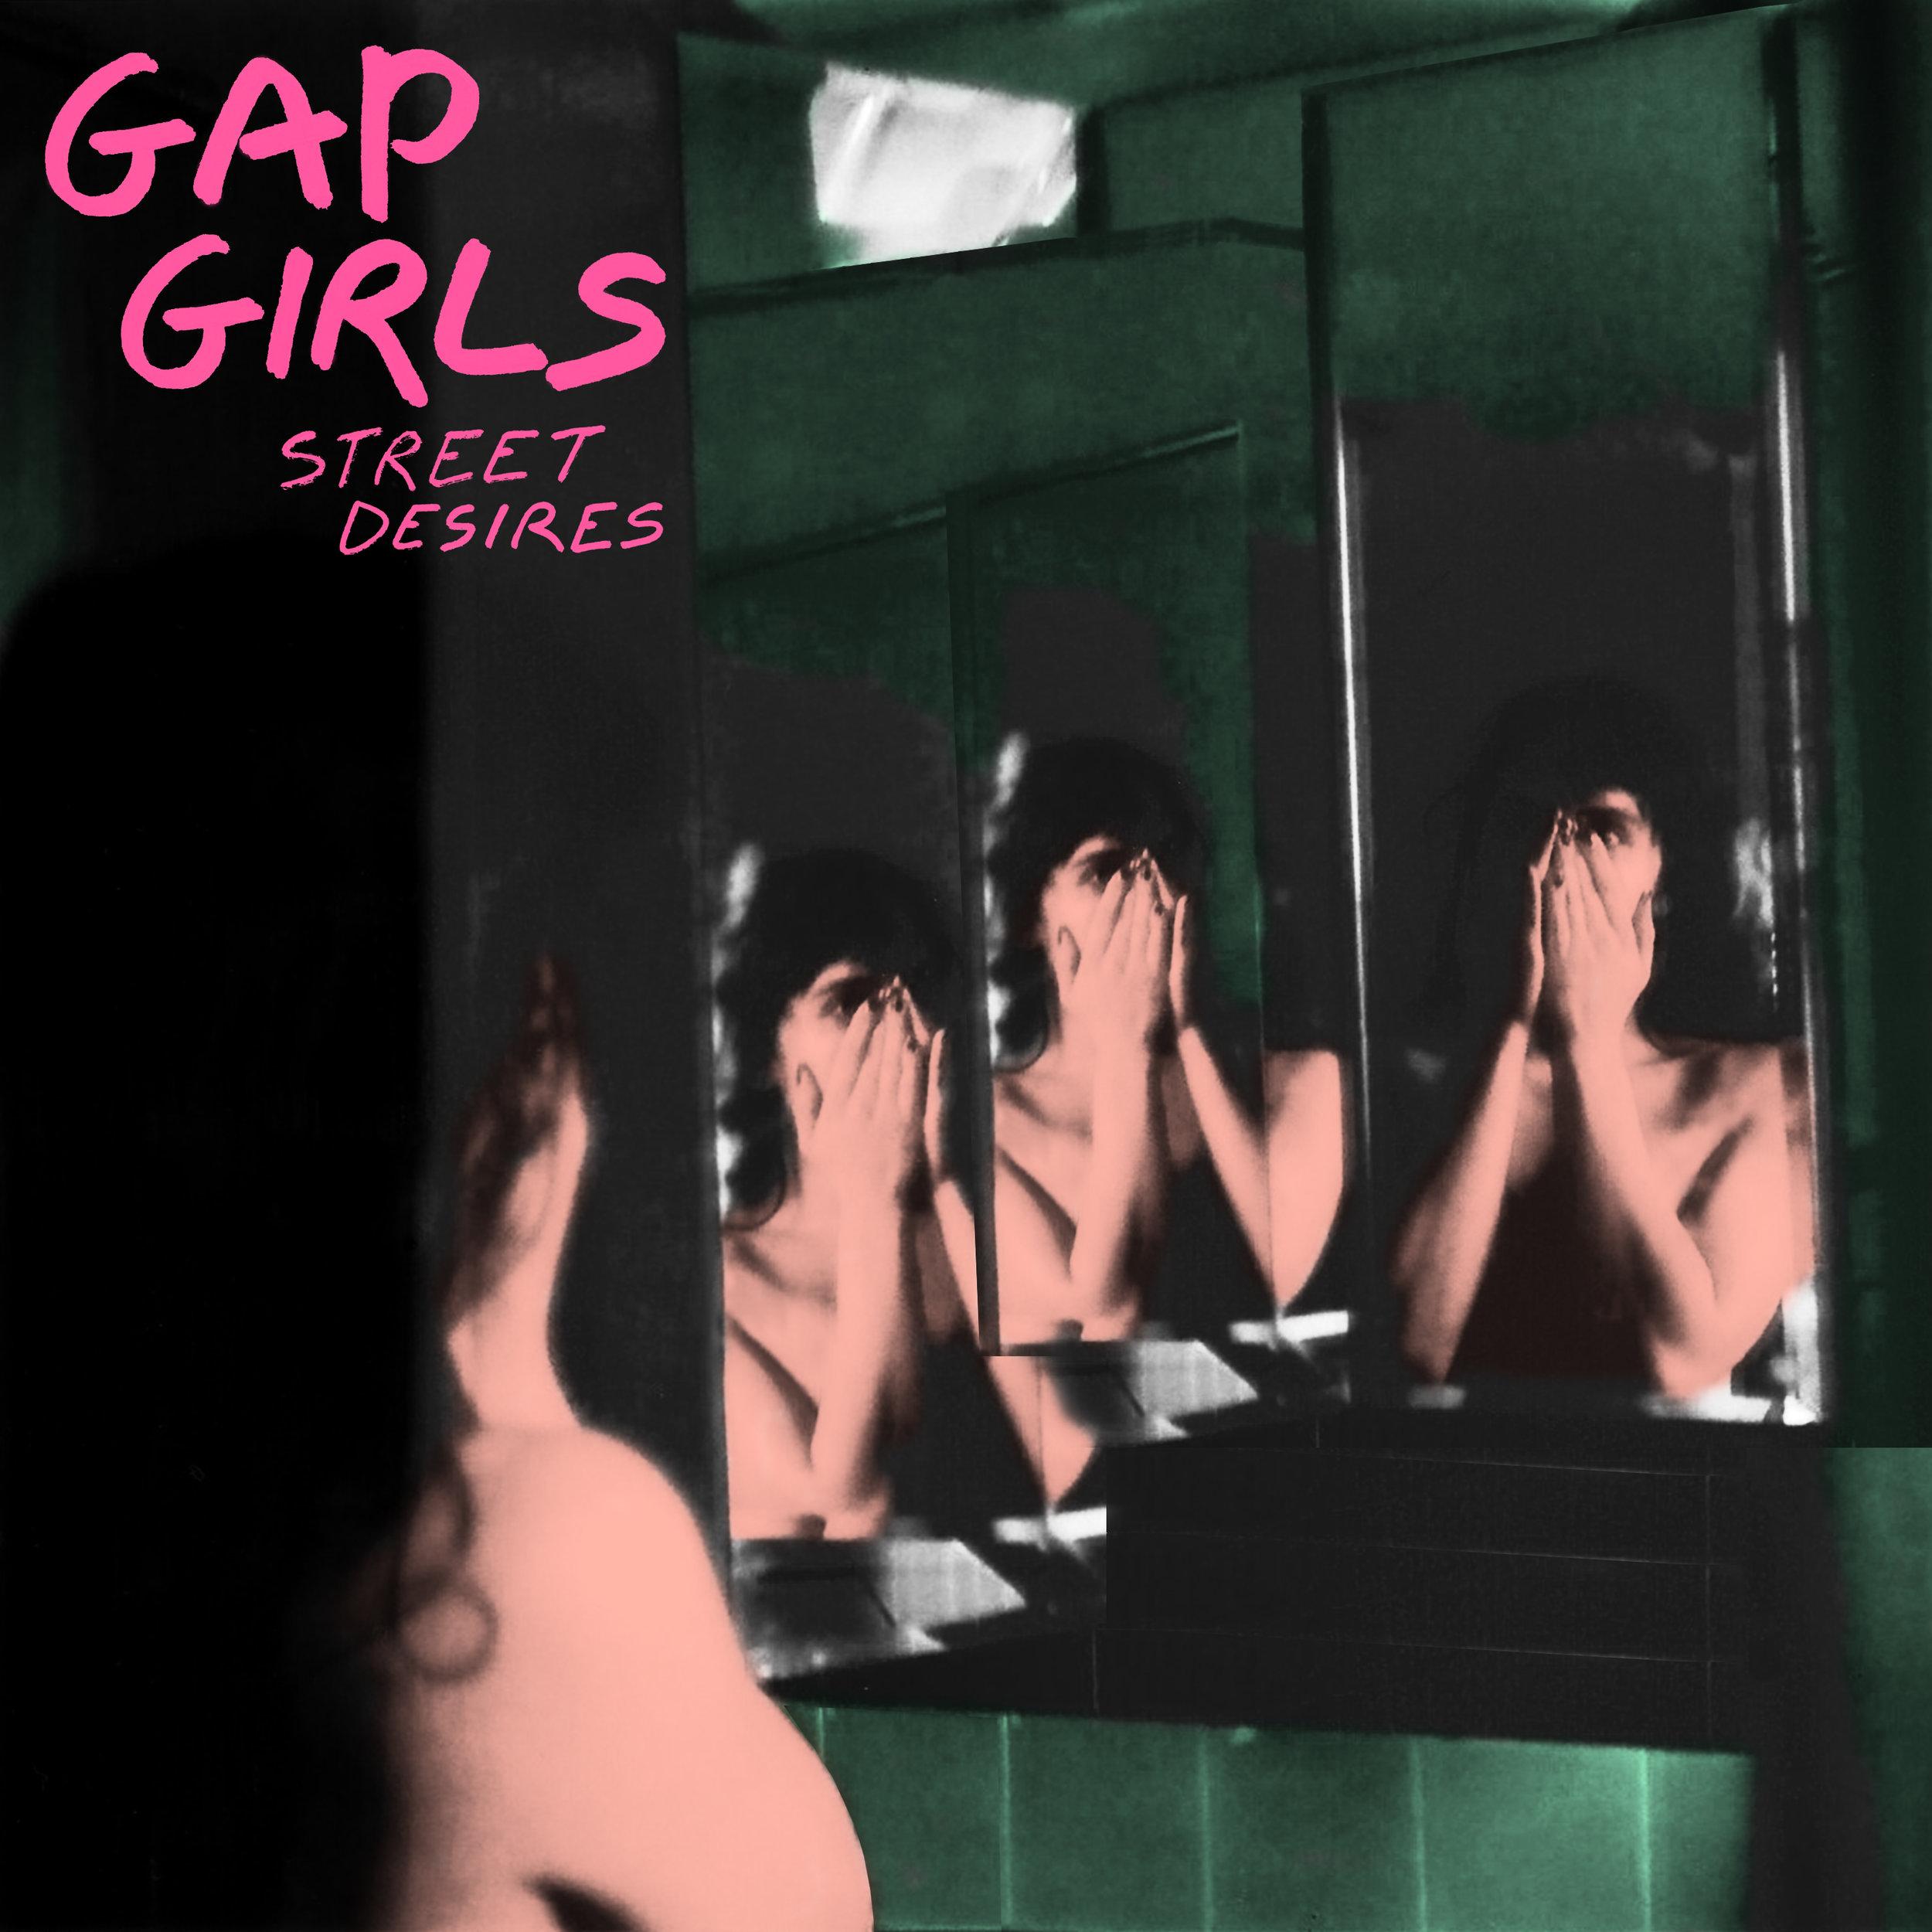 Gap Girls - Street Desires